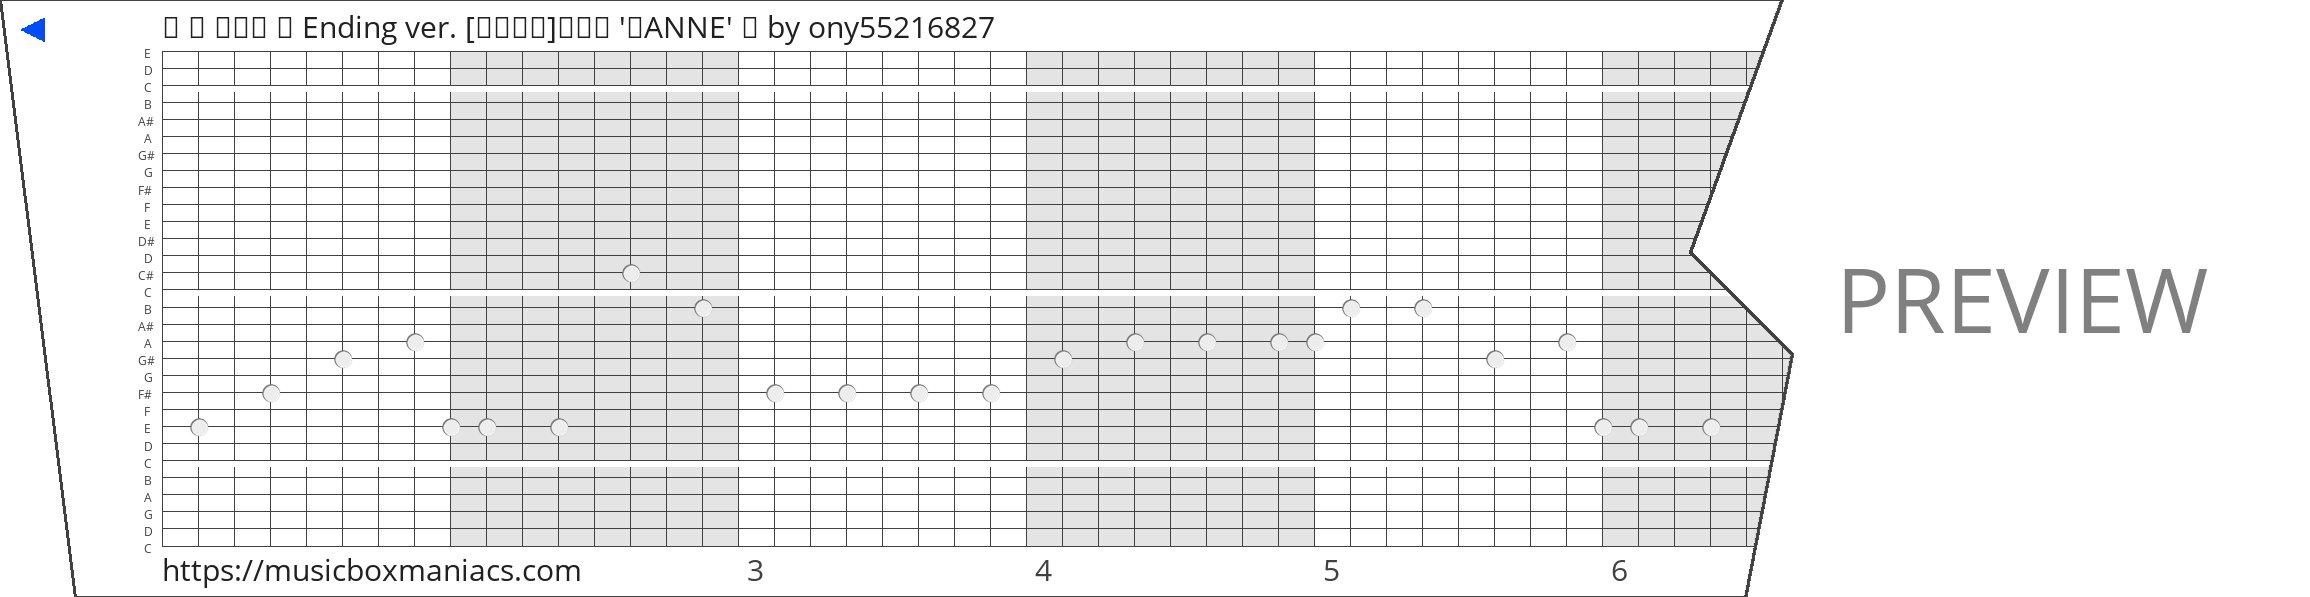 저 길 모퉁이 앤 Ending ver. [극단걸판]뮤지컬 '앤ANNE' 中 30 note music box paper strip